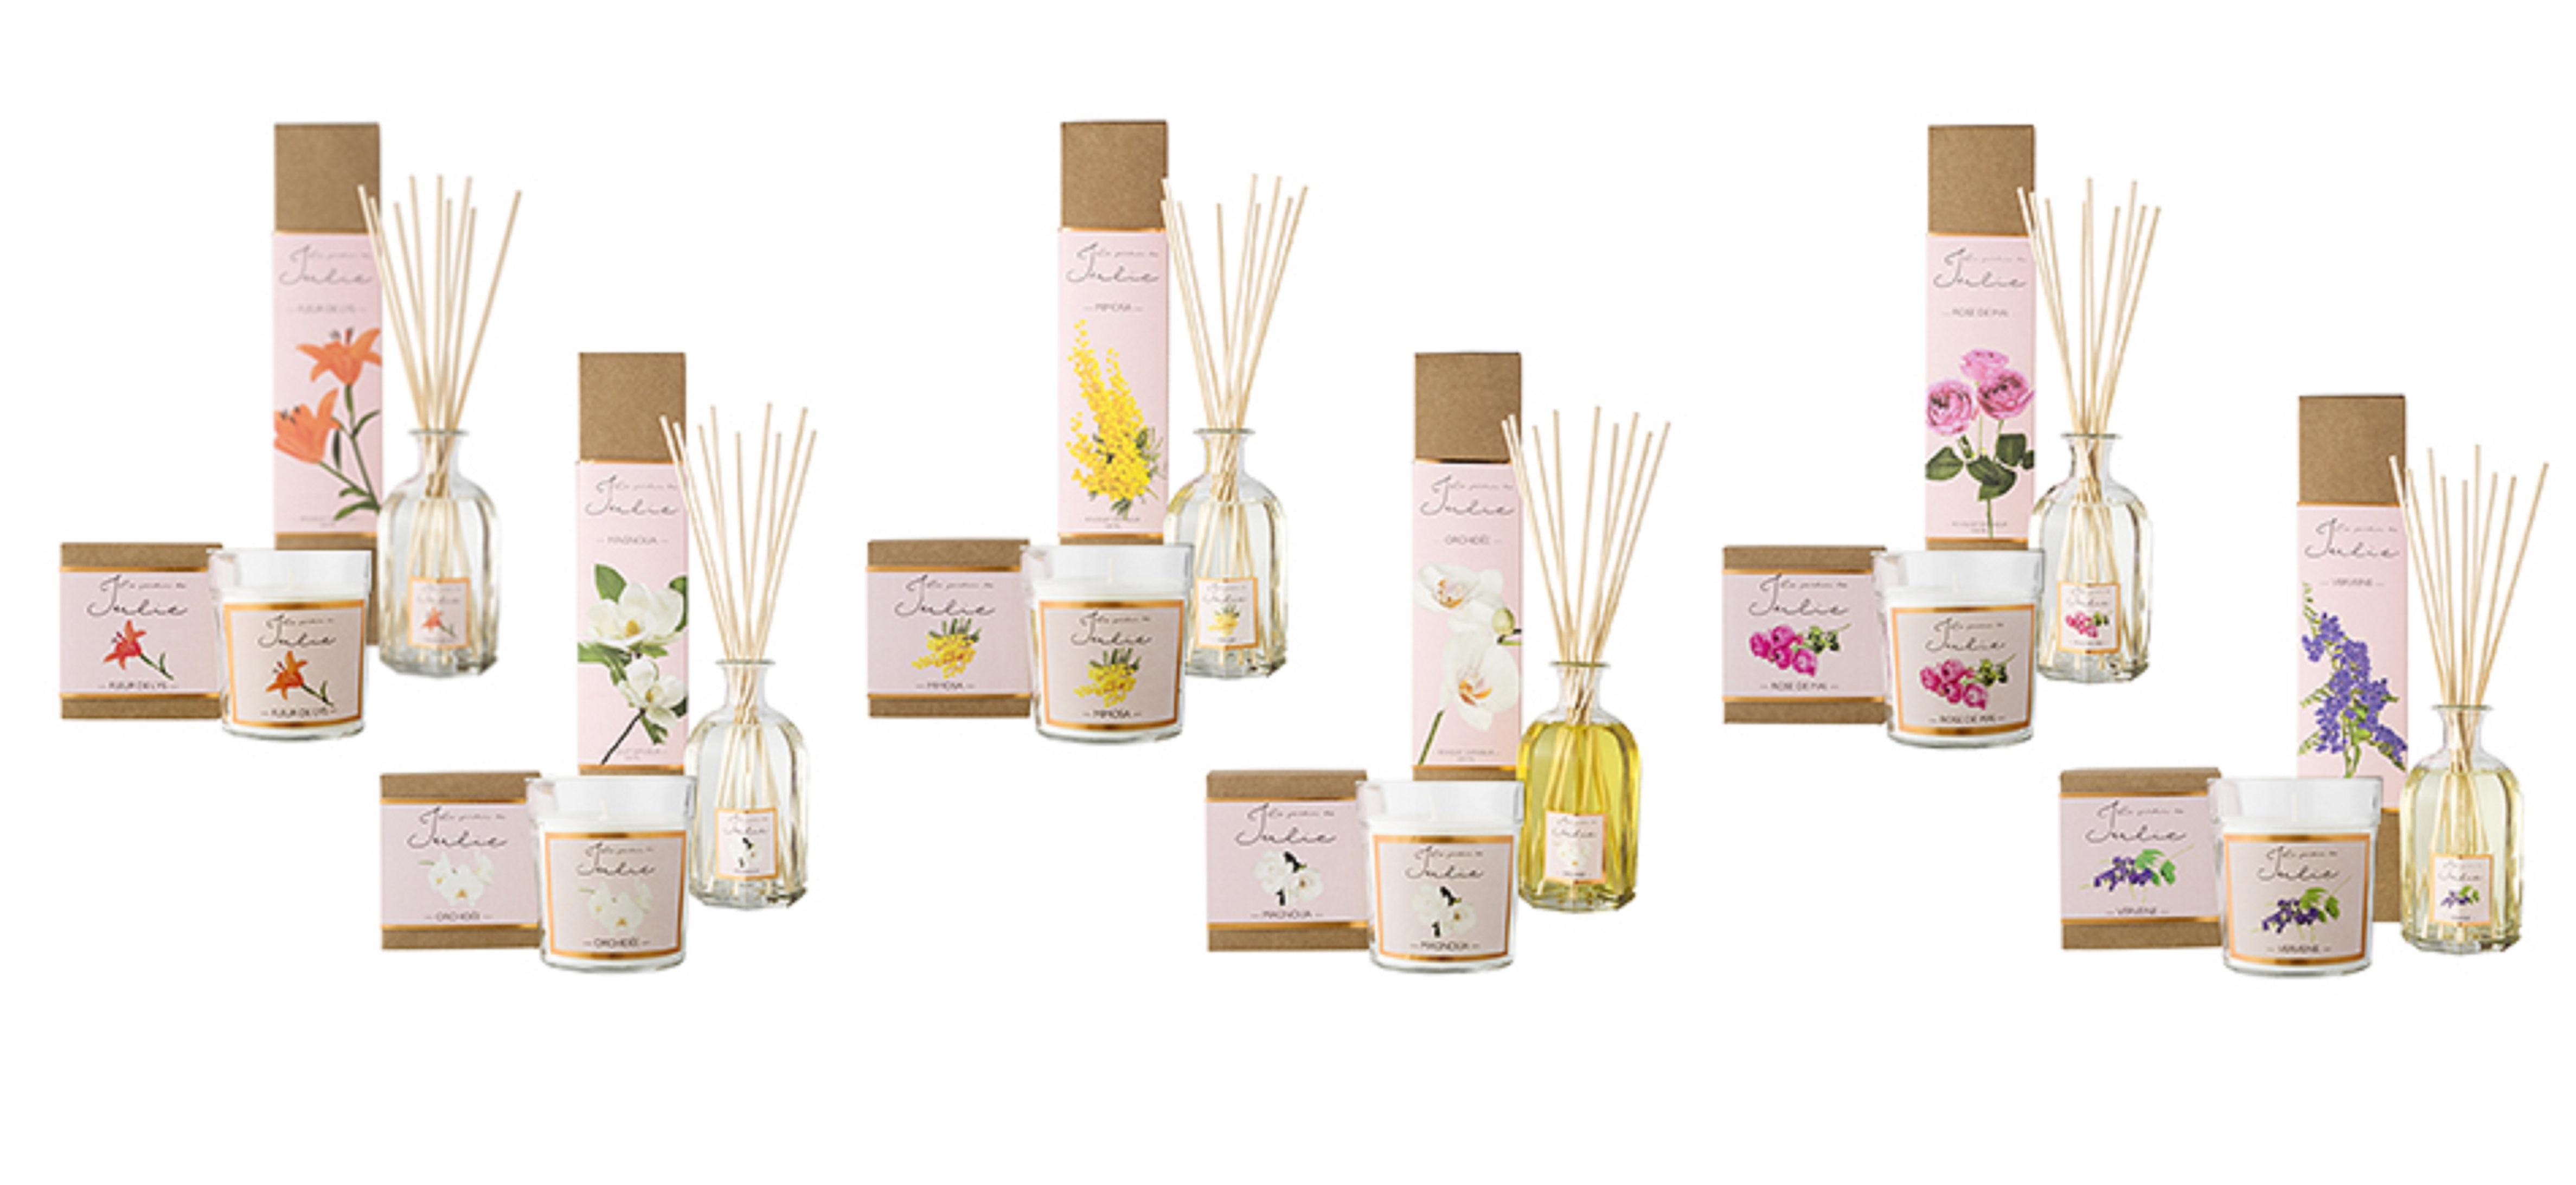 Nến thơm tinh dầu Le Jardin de Julie mùi VERVEINE